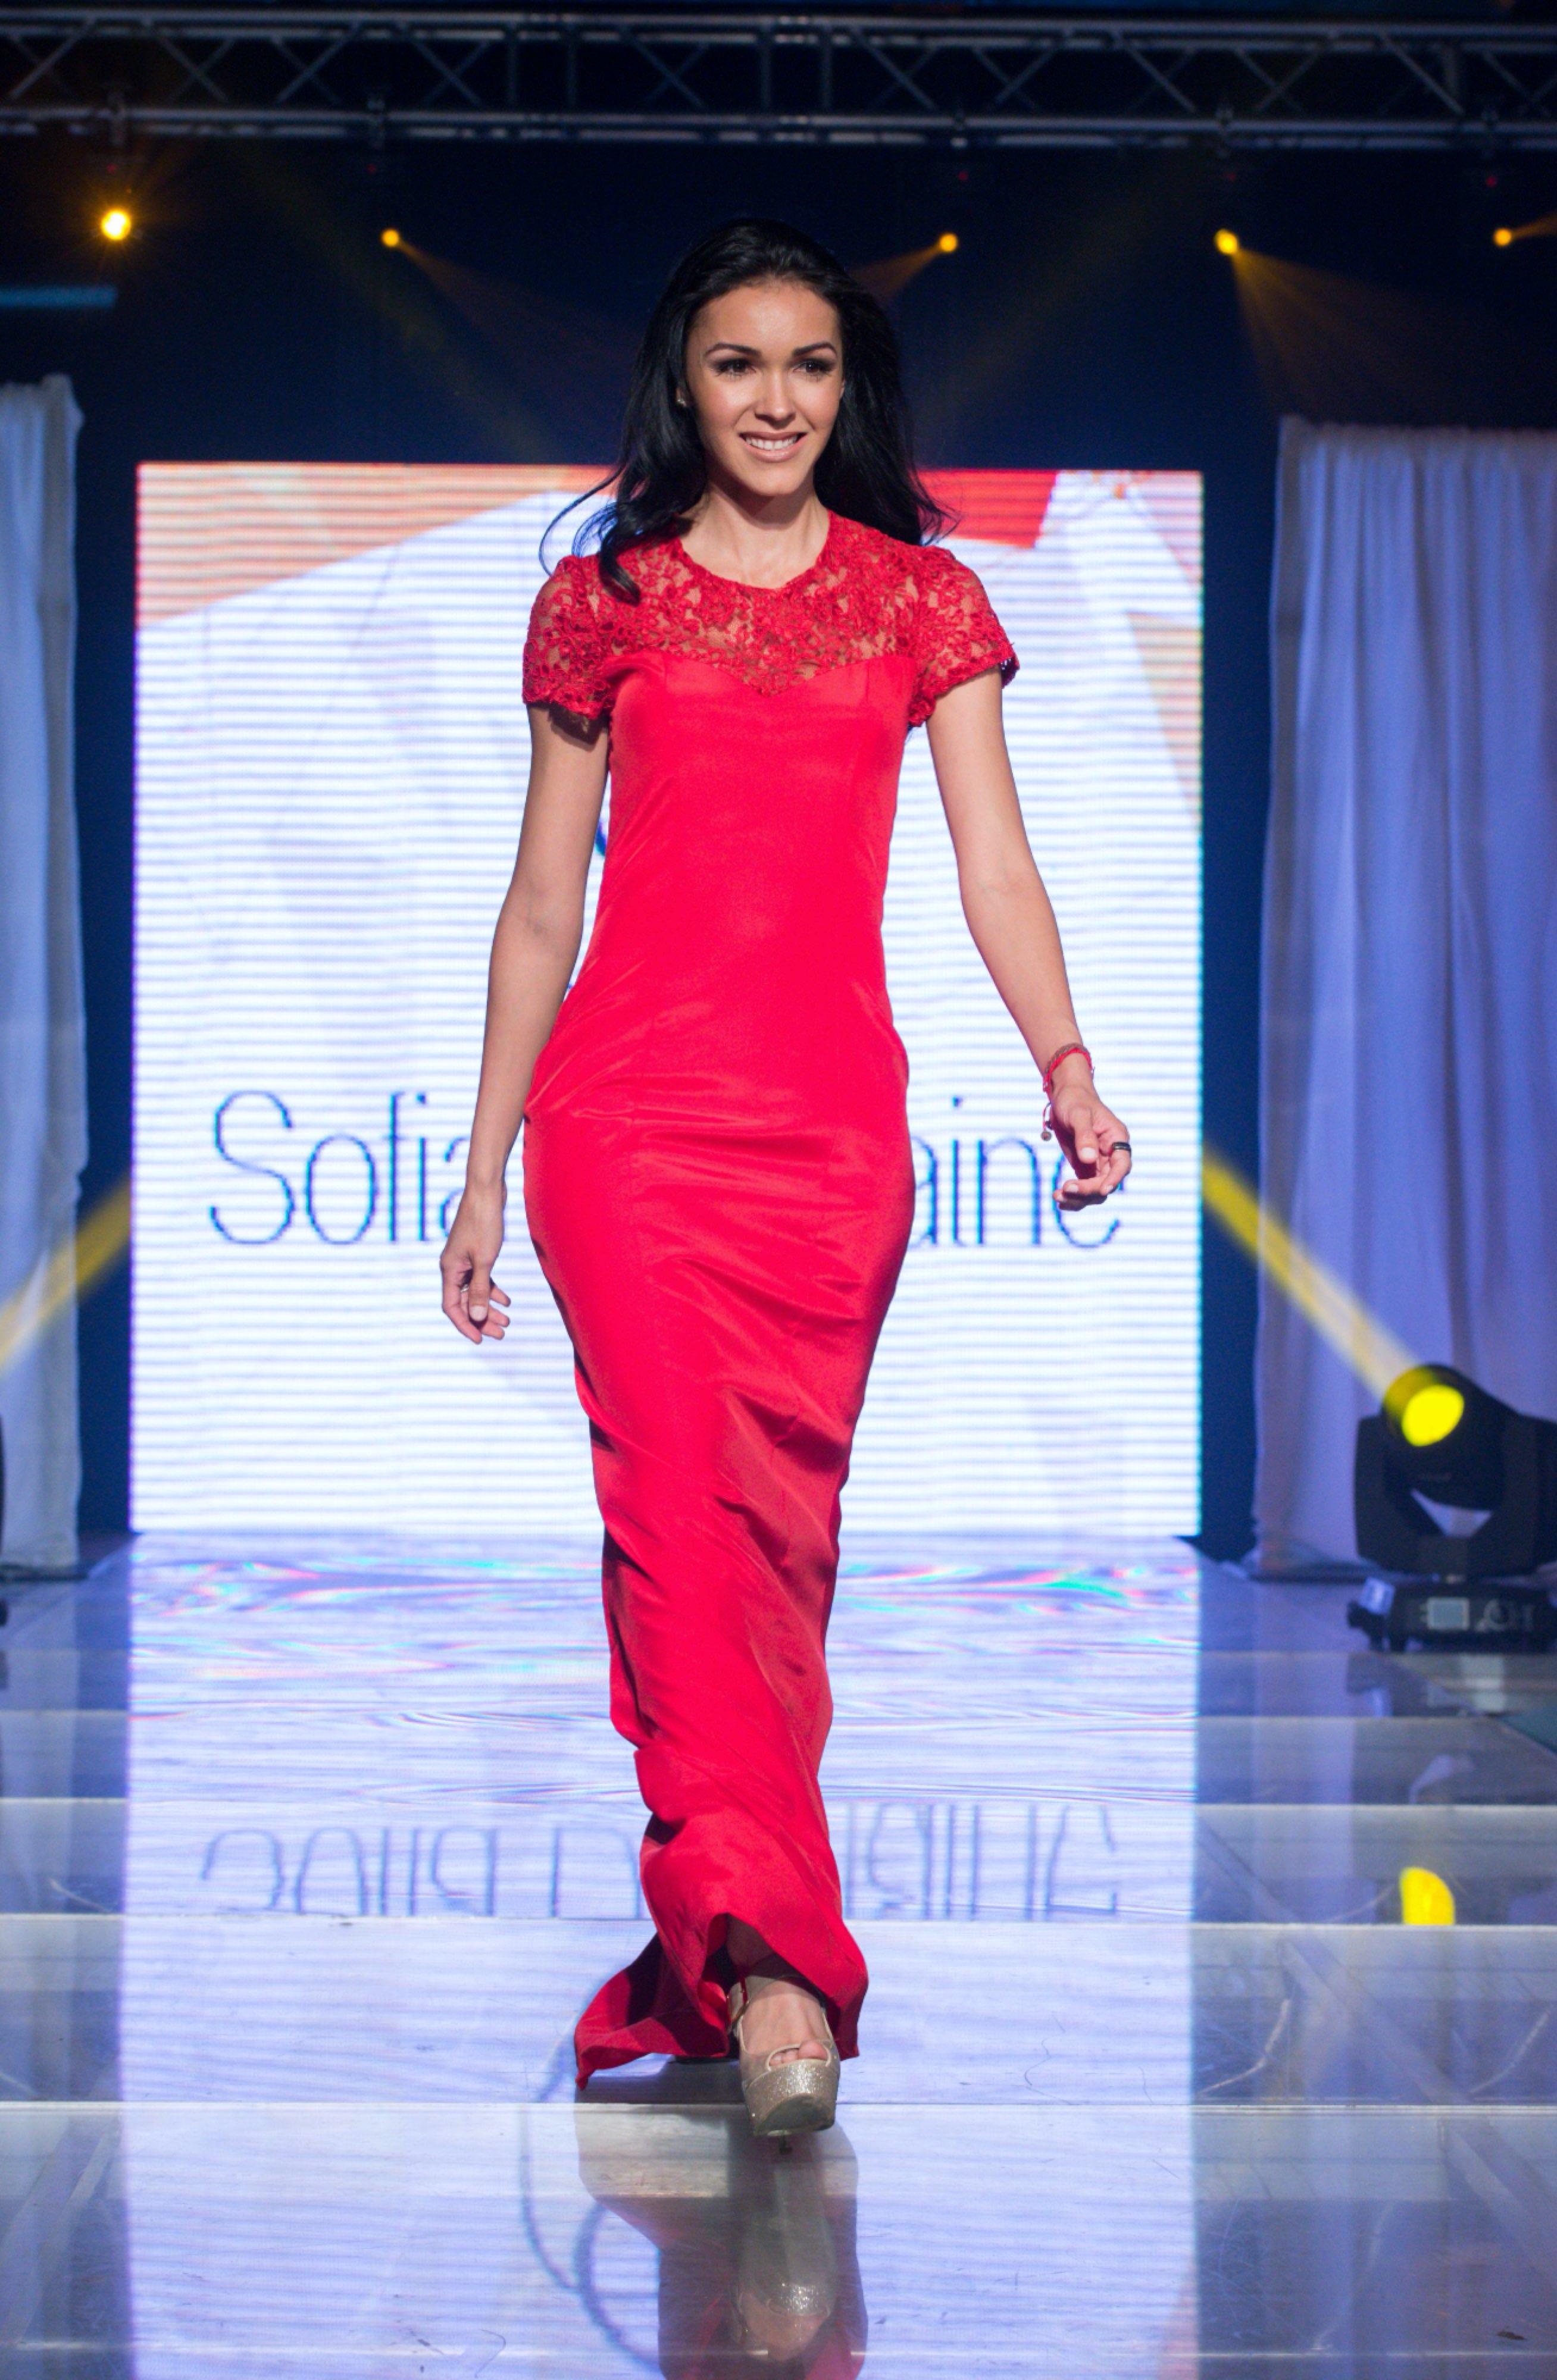 MHBF 2016 – Sofia Dumaine – 2